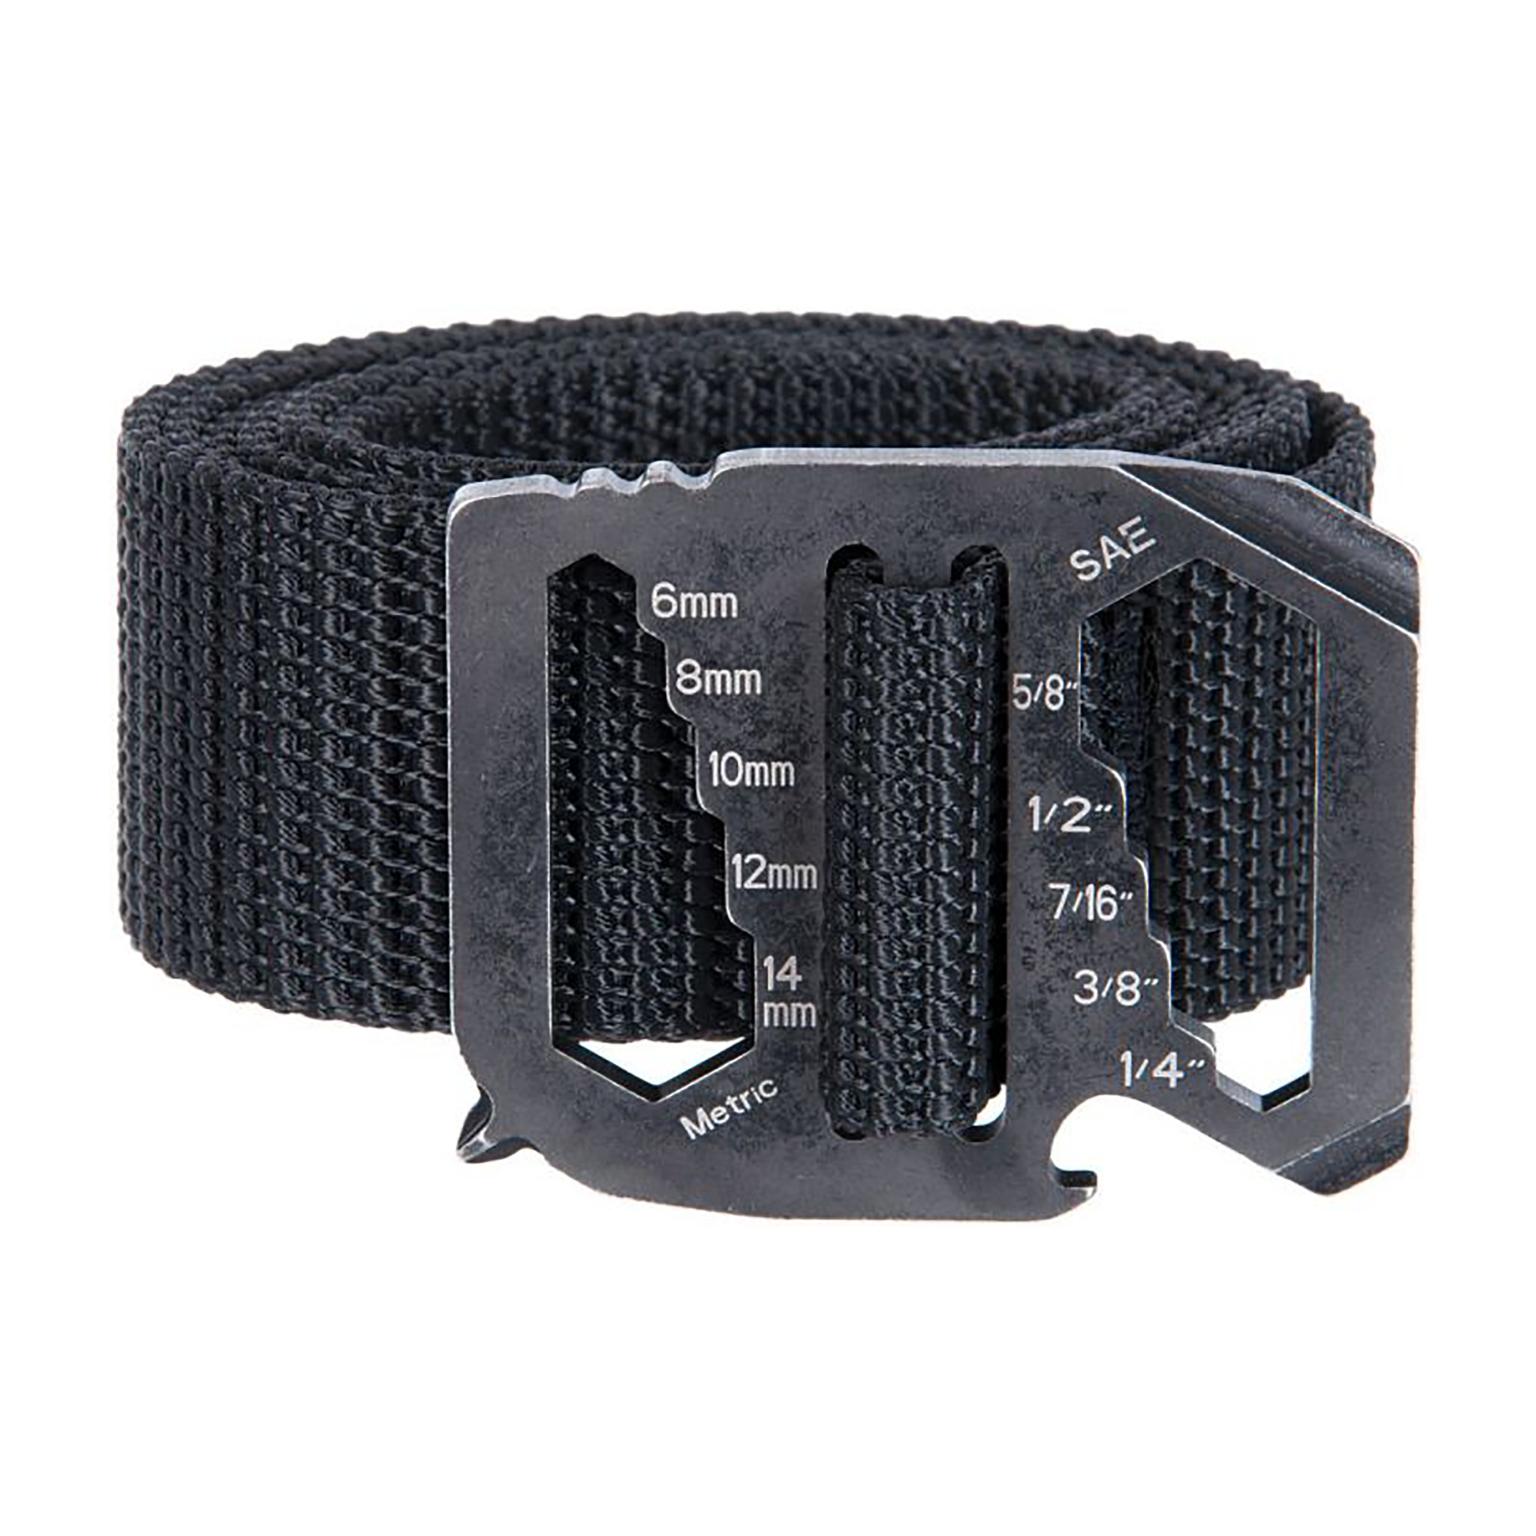 Kool Tool Belt, Large-1